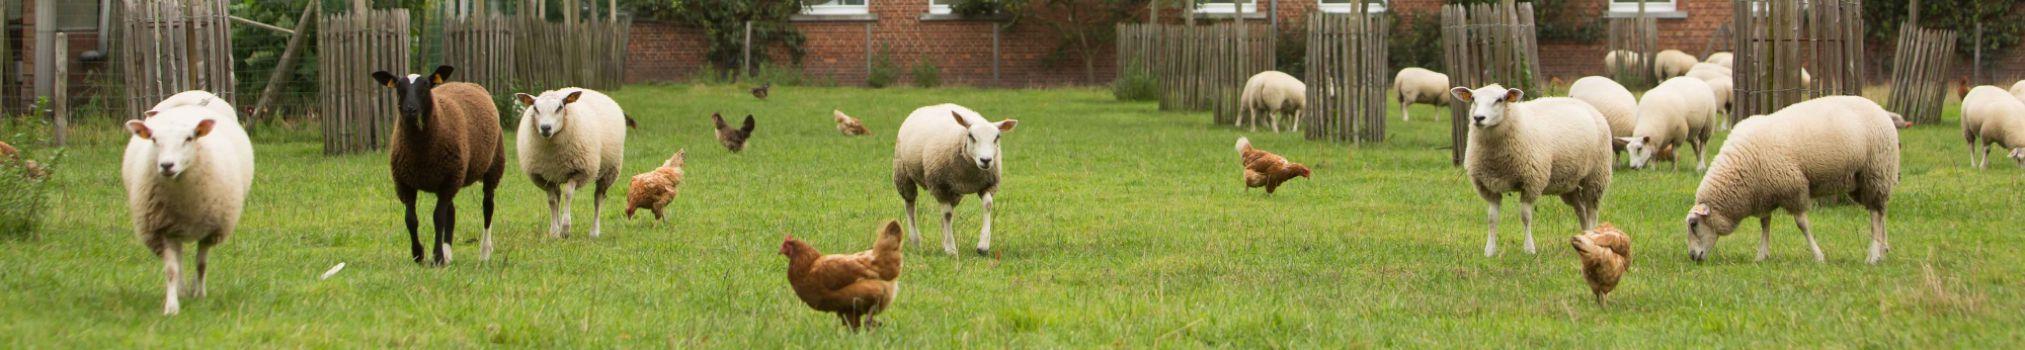 le pecore e le galline circolano libere in un campo tra le mura dell'abbazia.